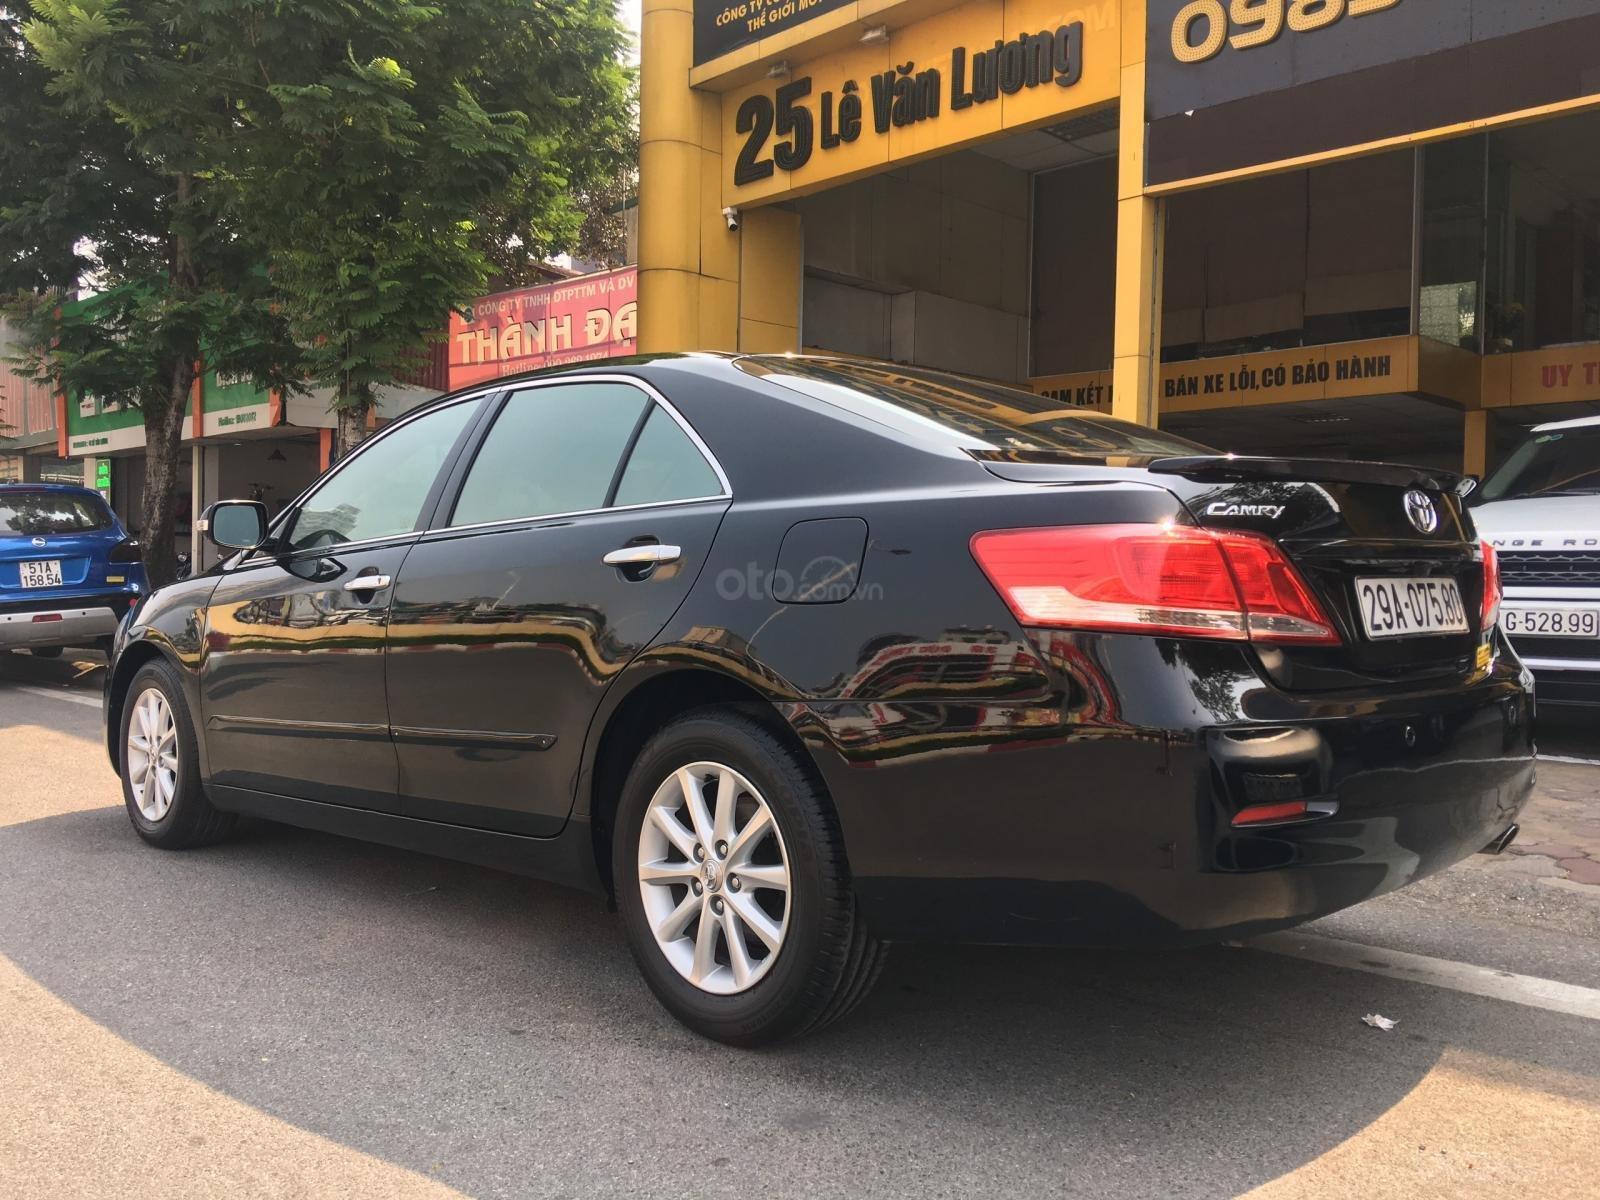 Cần bán xe Toyota Camry 2.0E sản xuất năm 2010, màu đen, xe nhập (5)